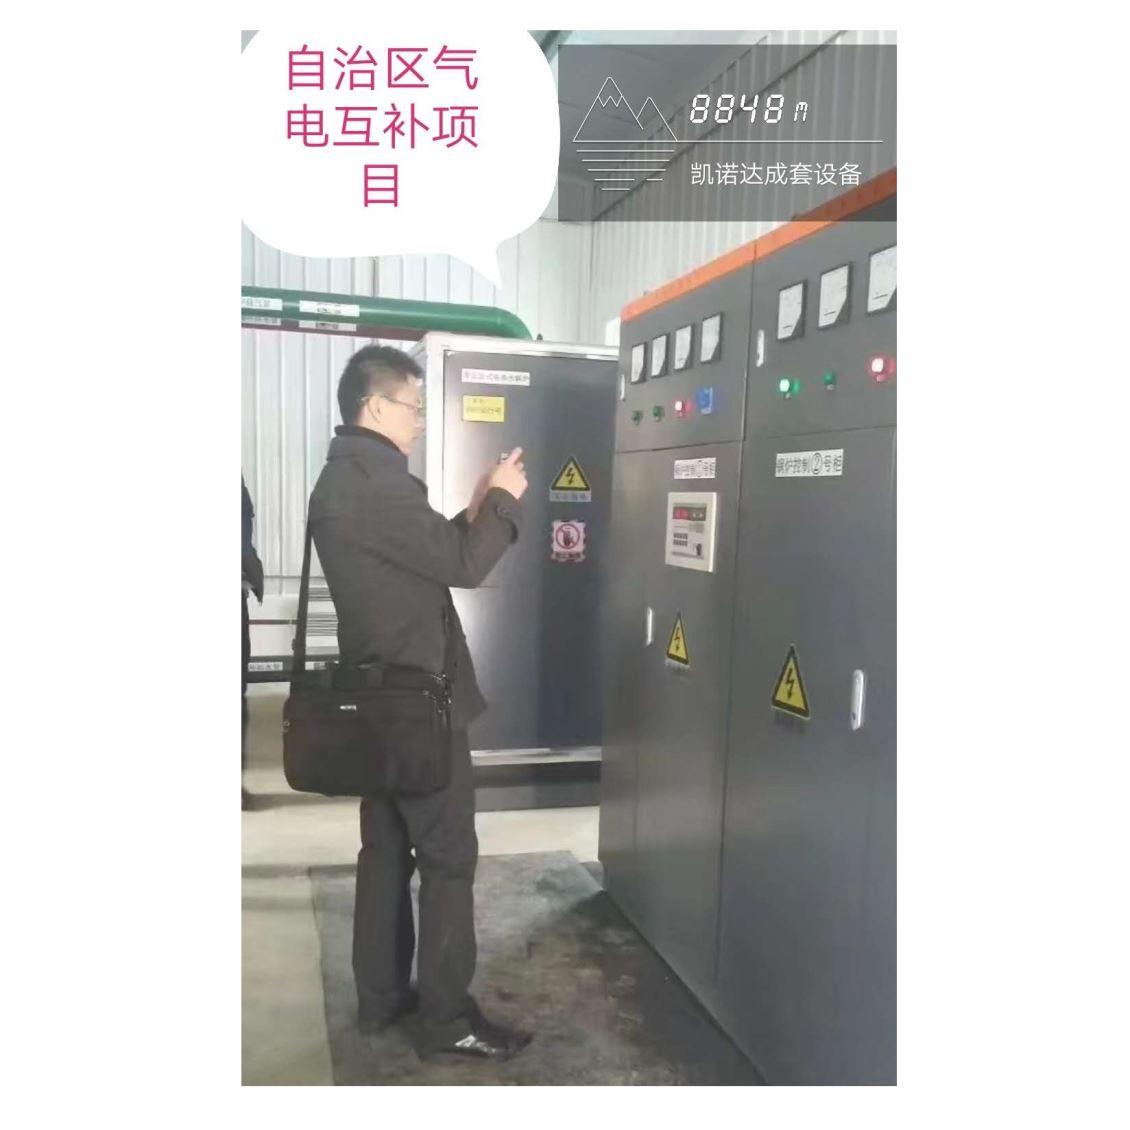 维泰热力气电互补电锅炉改造项目